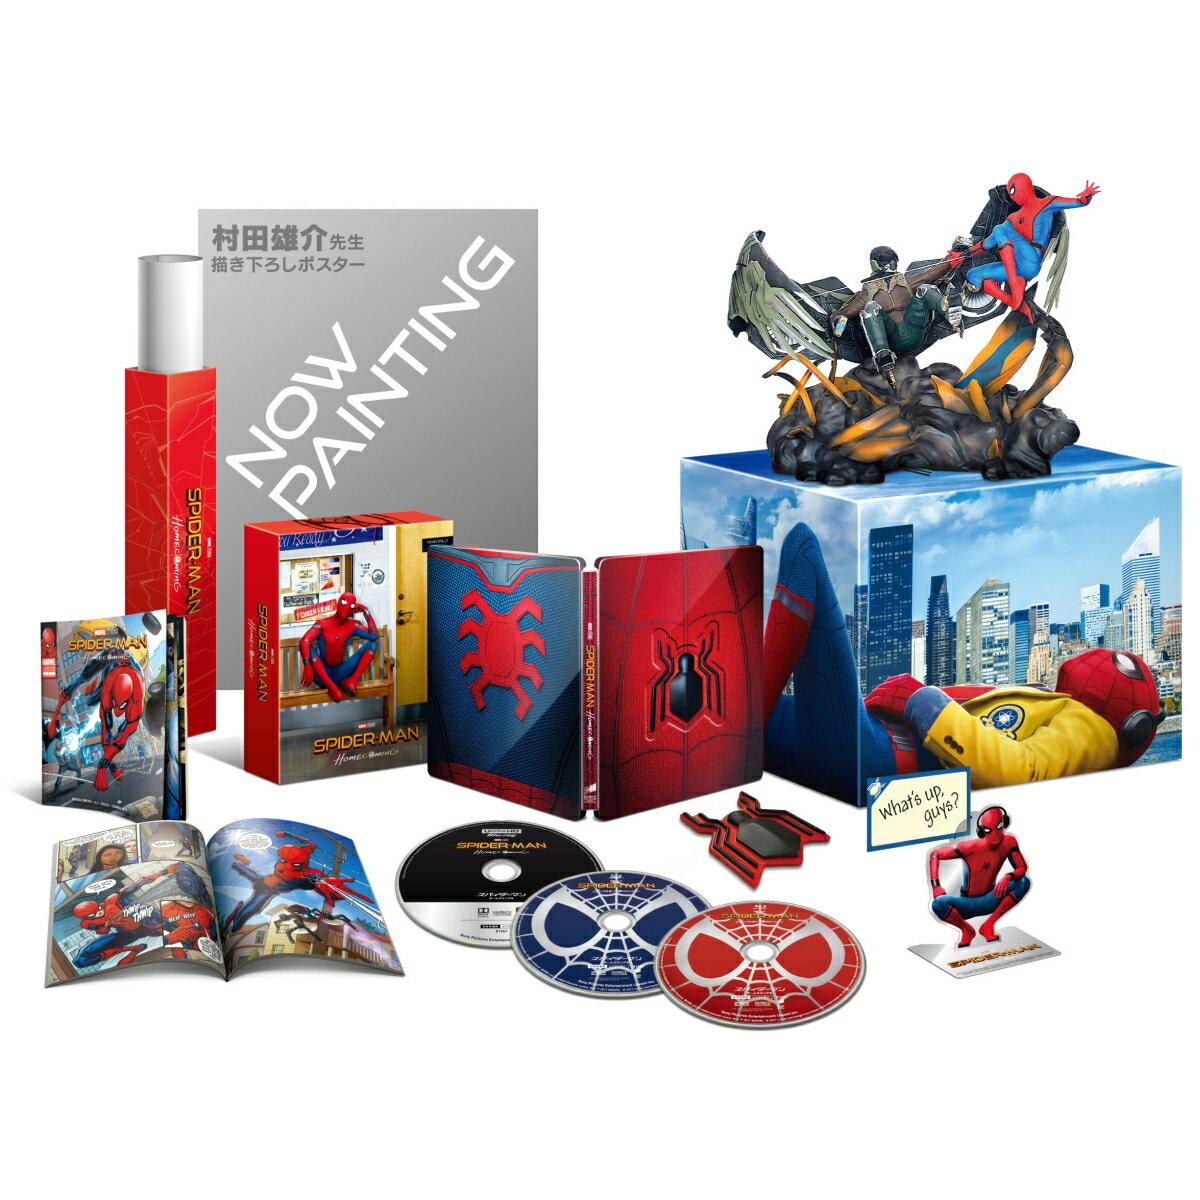 スパイダーマン:ホームカミング プレミアムBOX(ブルーレイ+ブルーレイ3D+4K ULTRA HD)(3,000セット限定)【4K ULTRA HD】 [ トム・ホランド ]